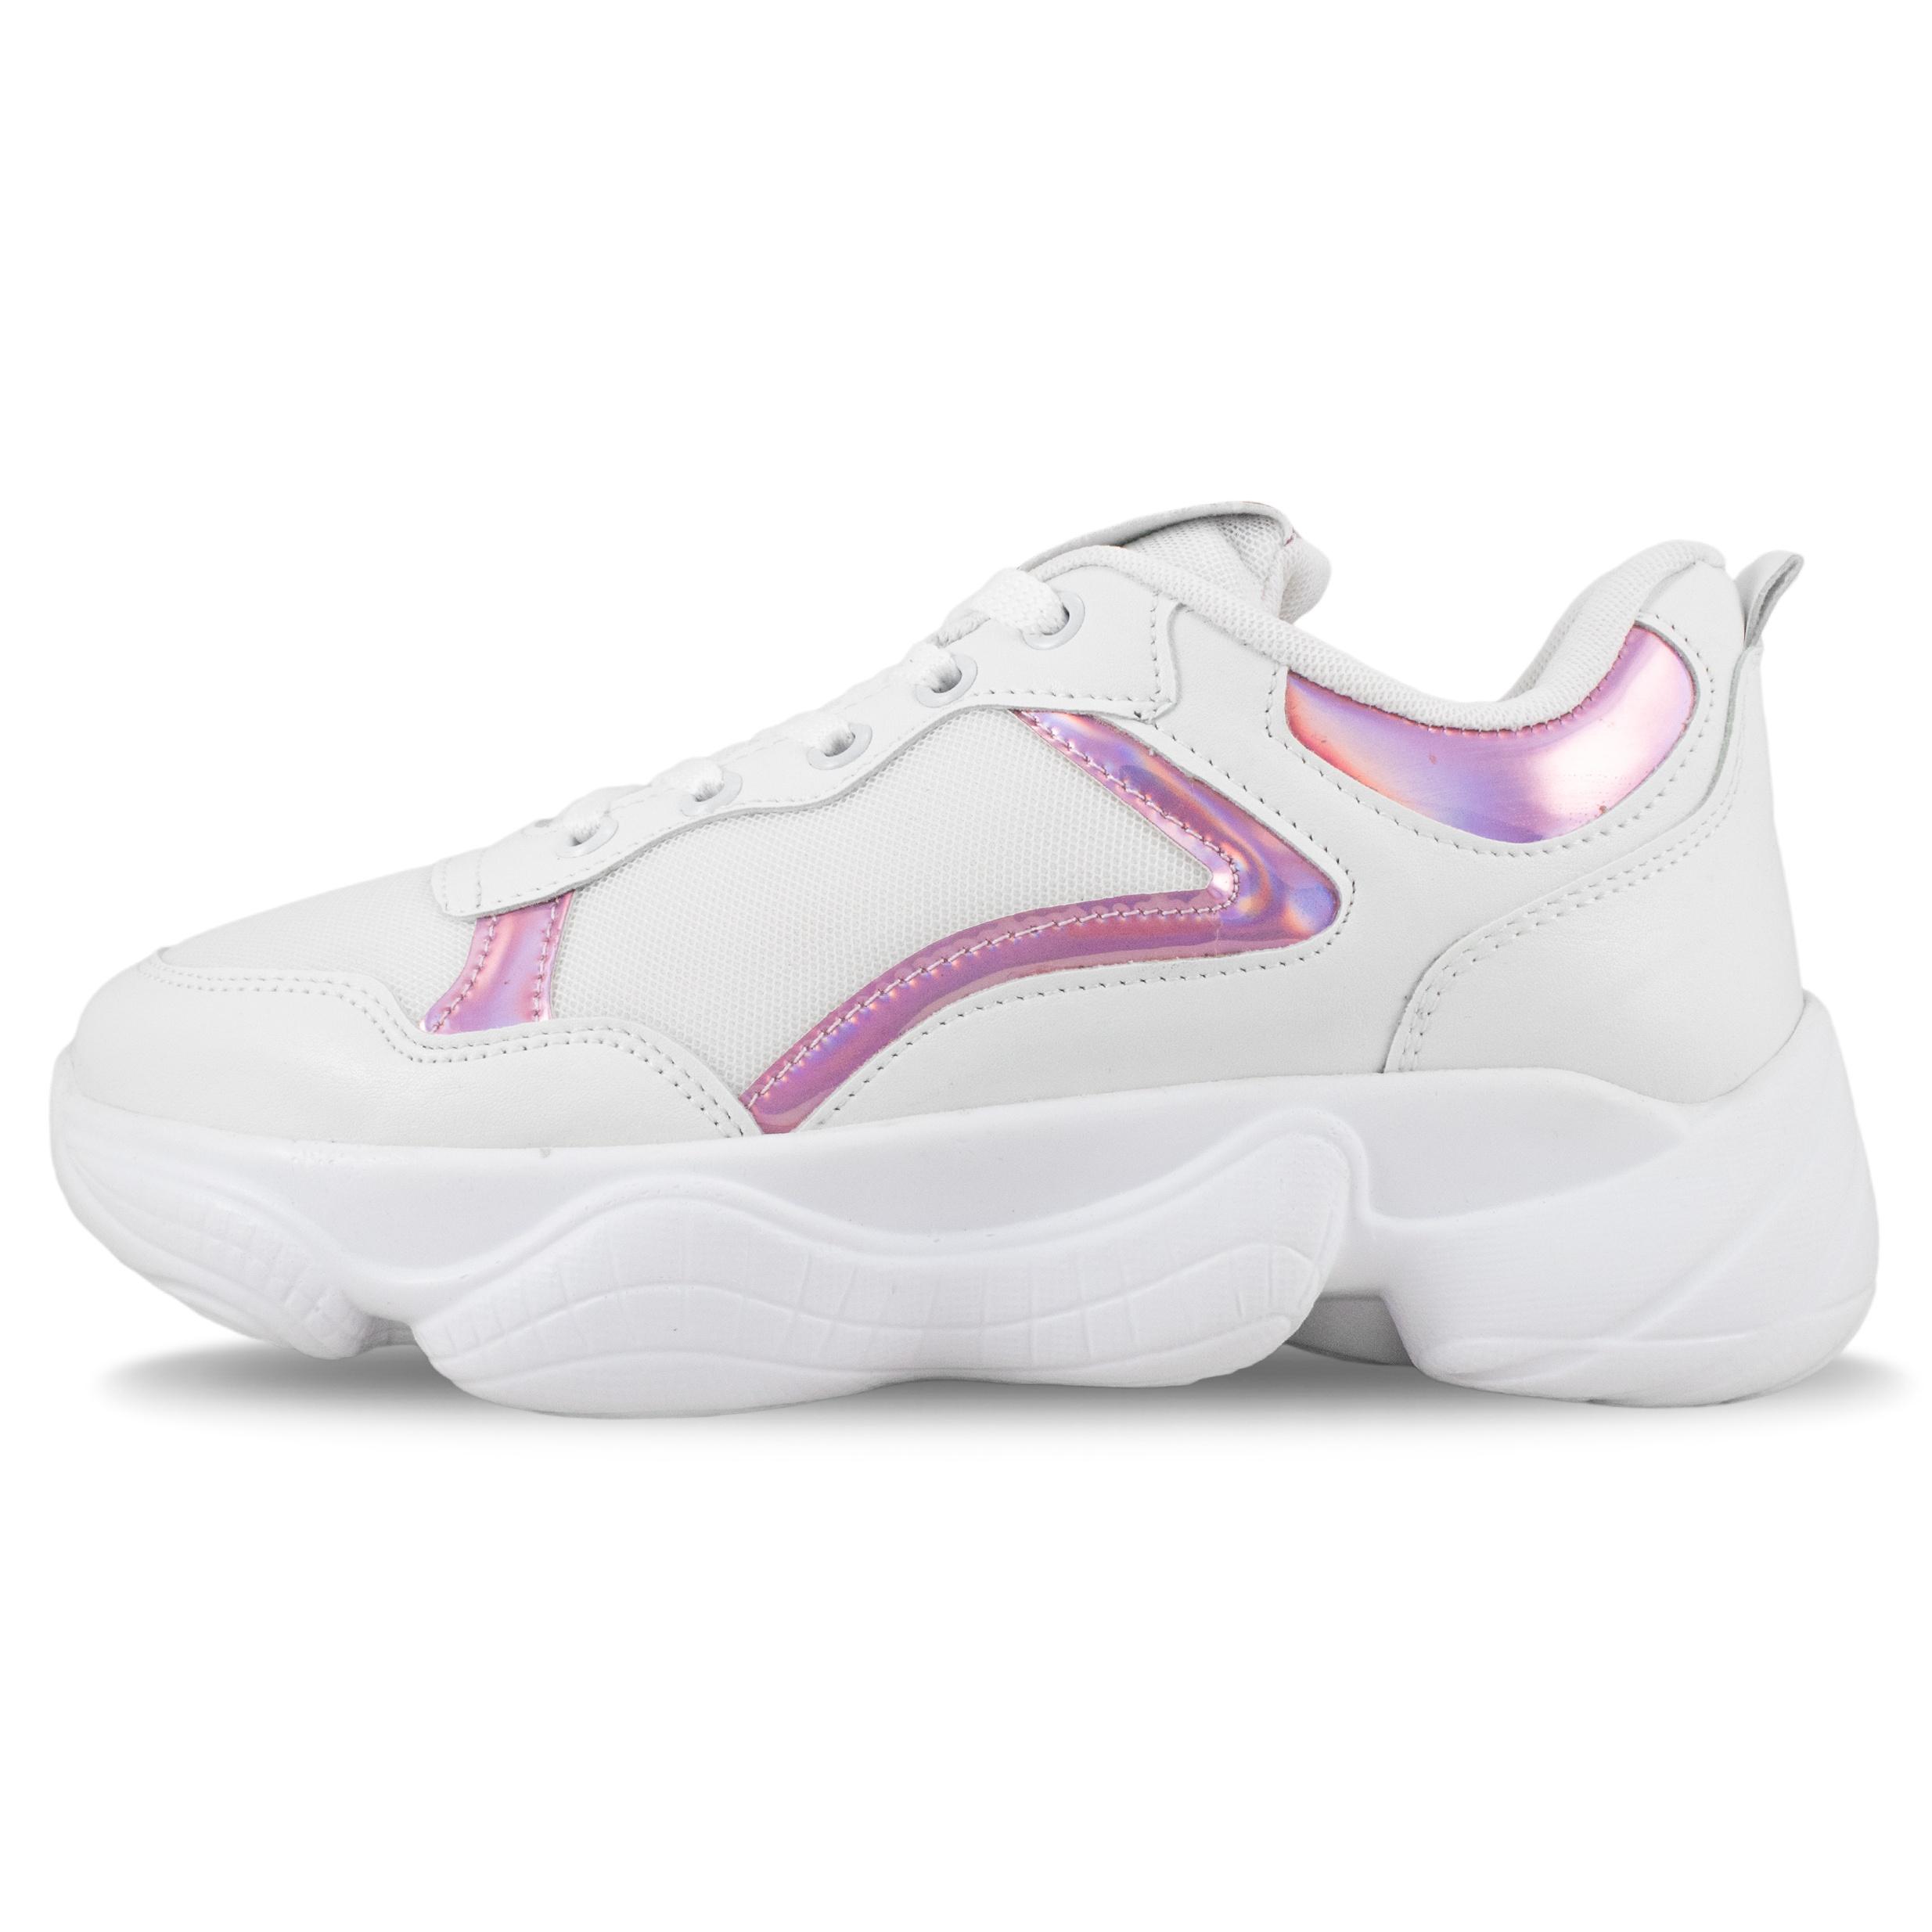 کفش مخصوص پیاده روی زنانه کد 4126